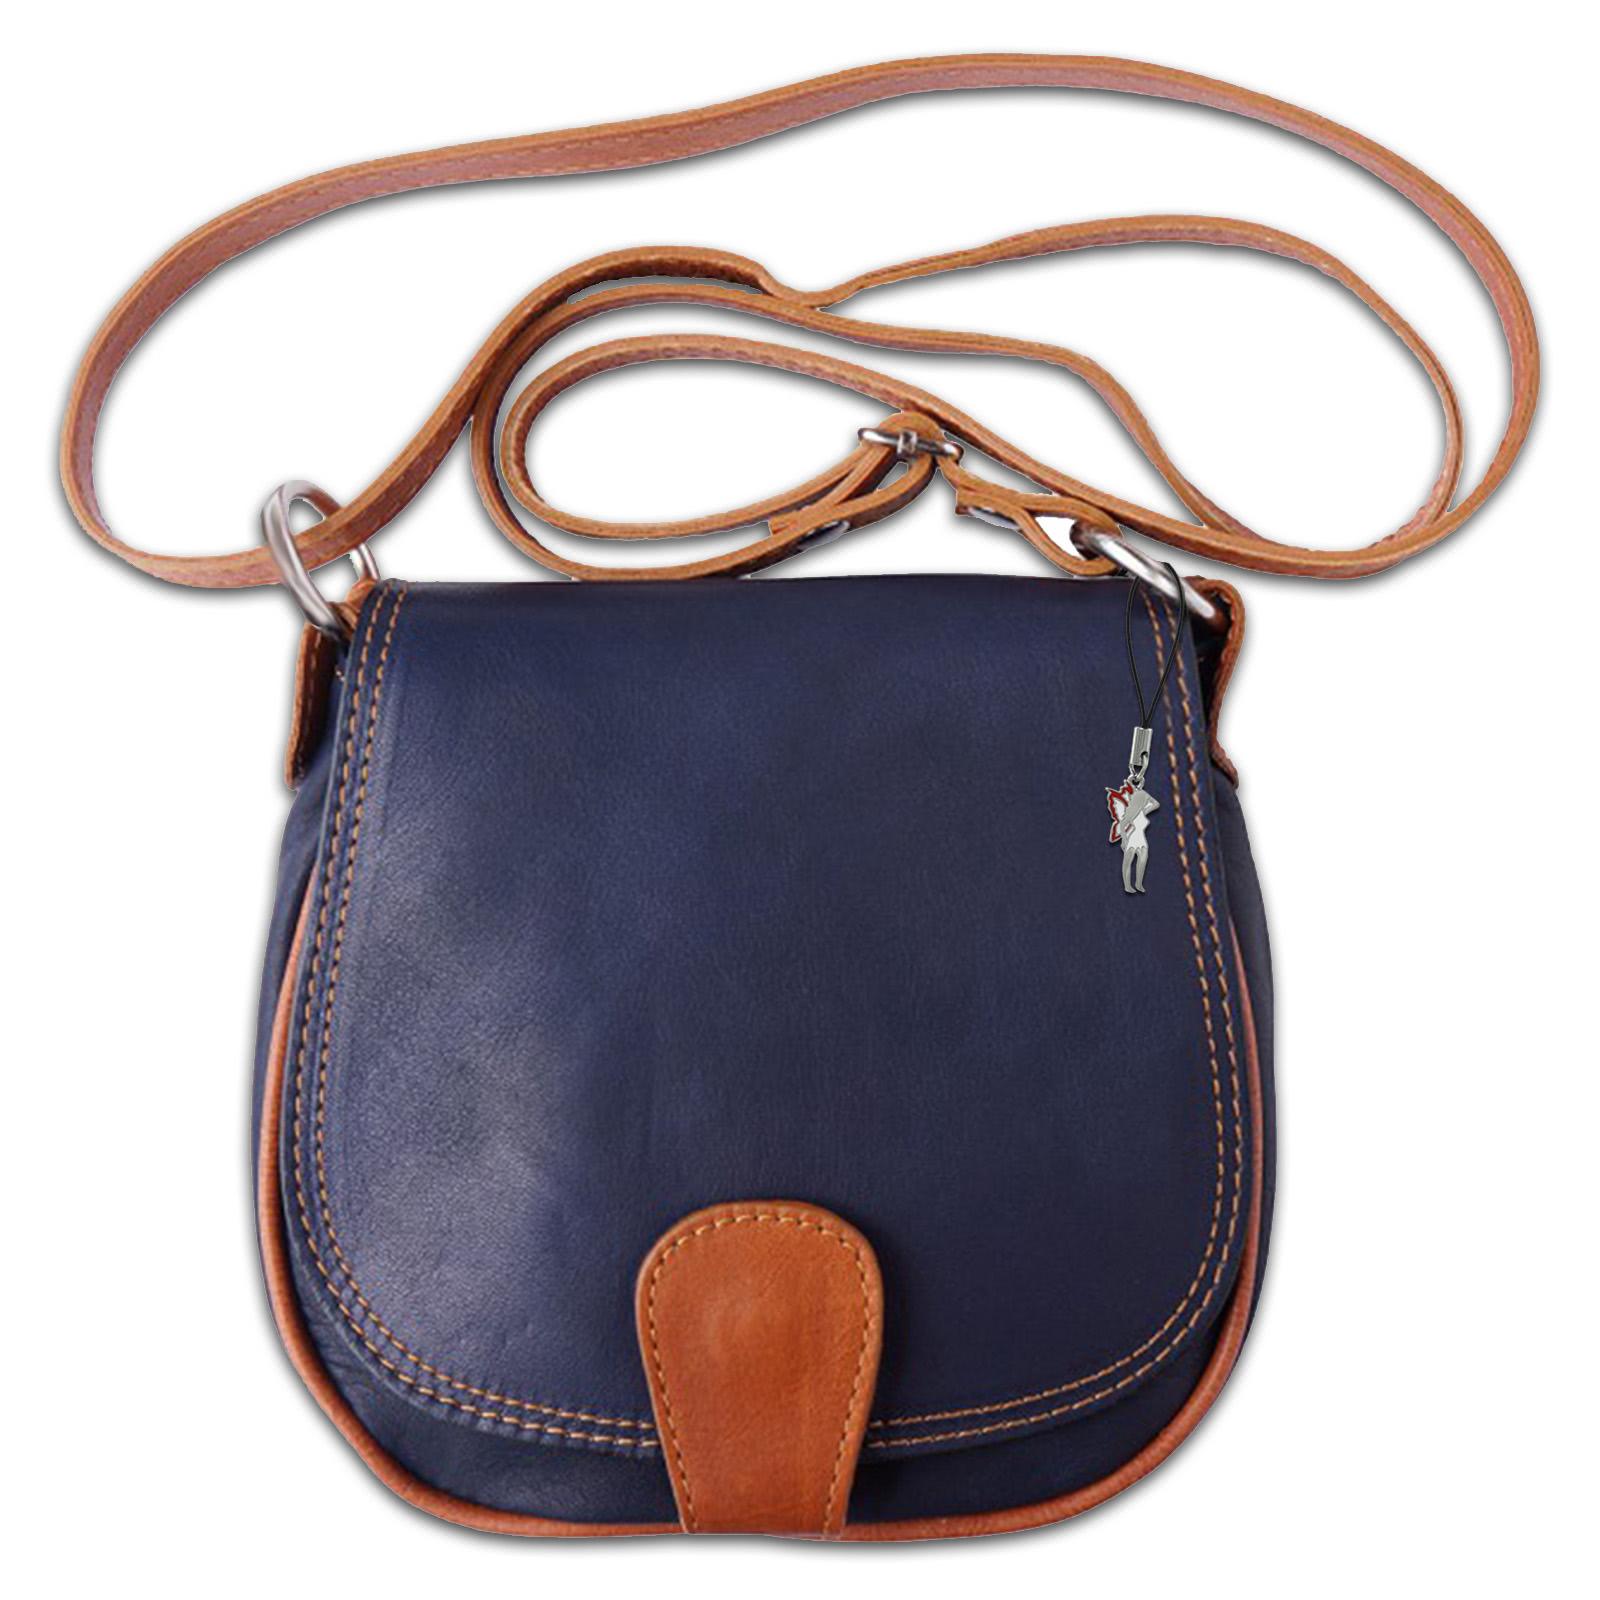 umh ngetasche damen handtasche satteltasche leder blau. Black Bedroom Furniture Sets. Home Design Ideas